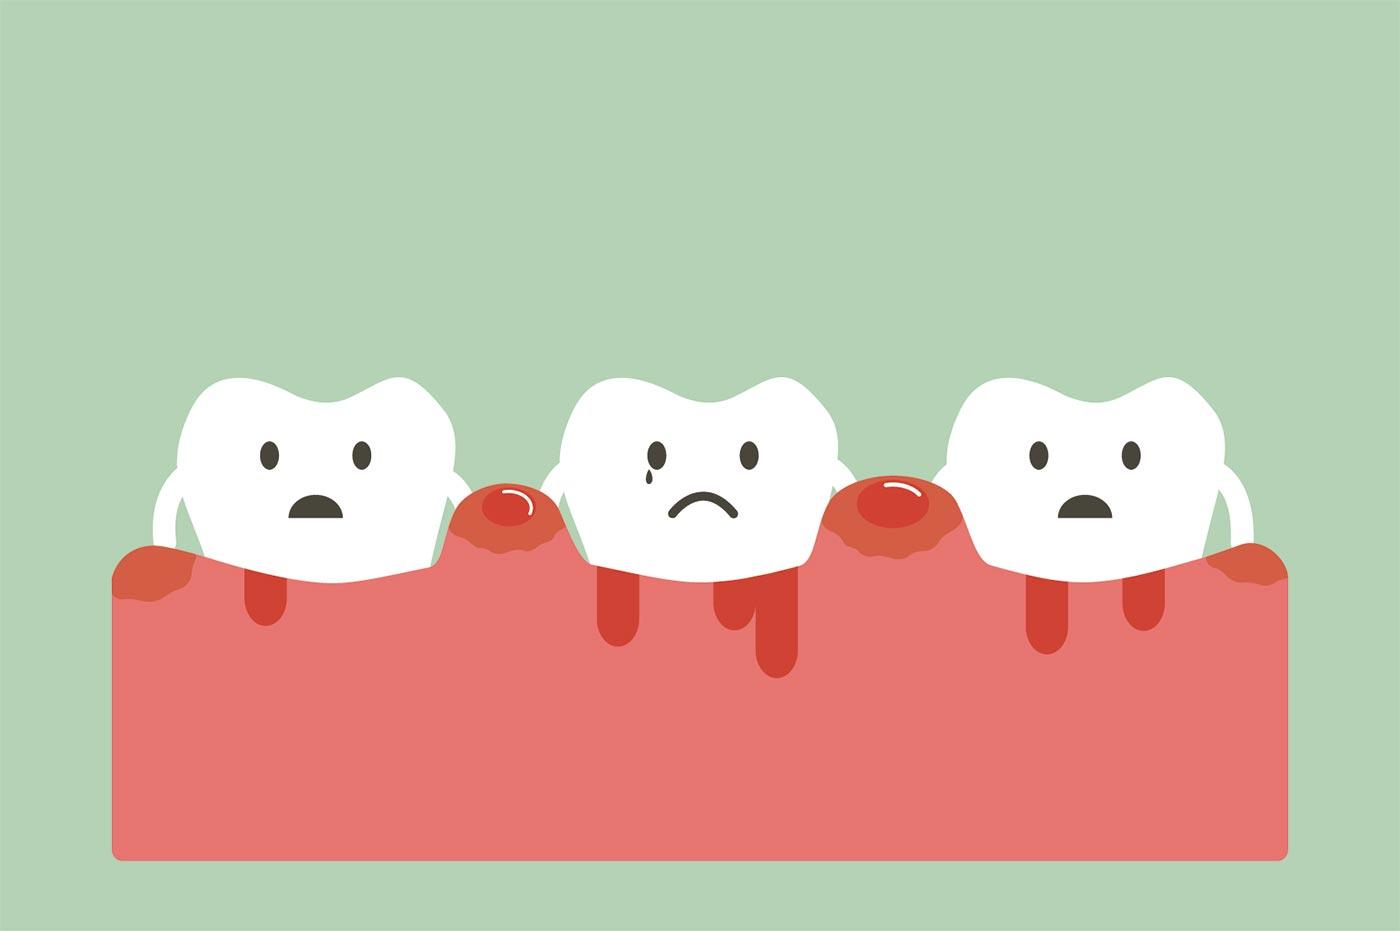 あなたは大丈夫?「歯周病チェックリスト」